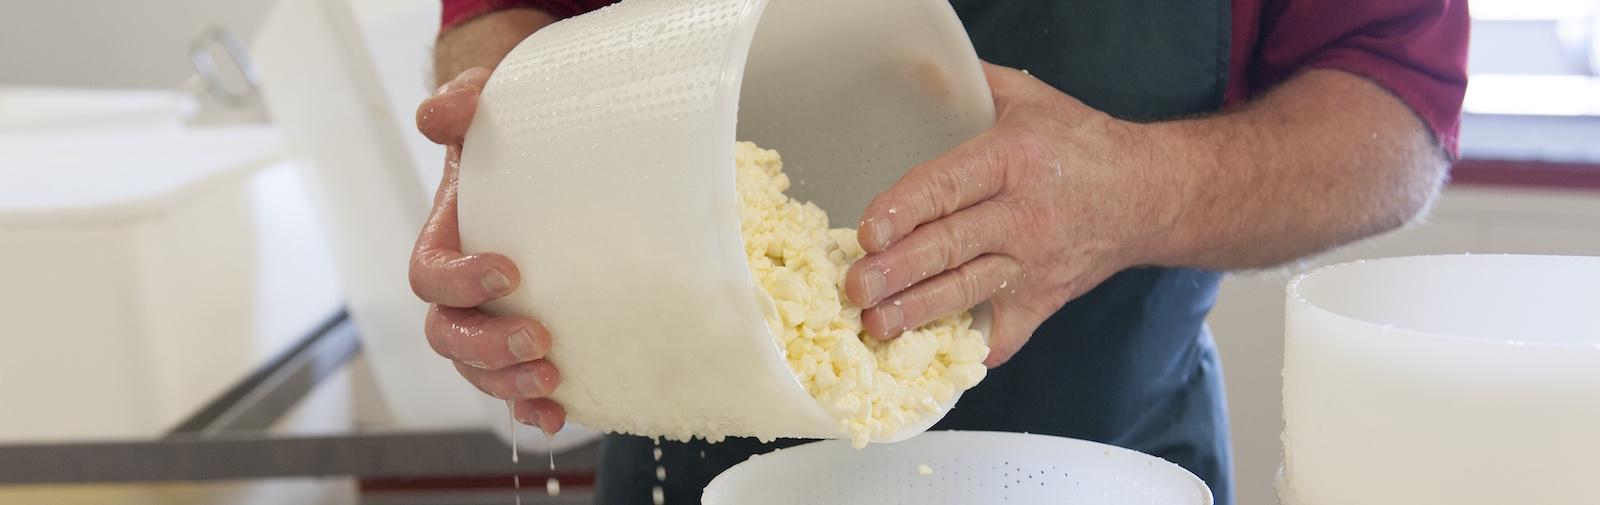 Apostle Whey Cheese Making